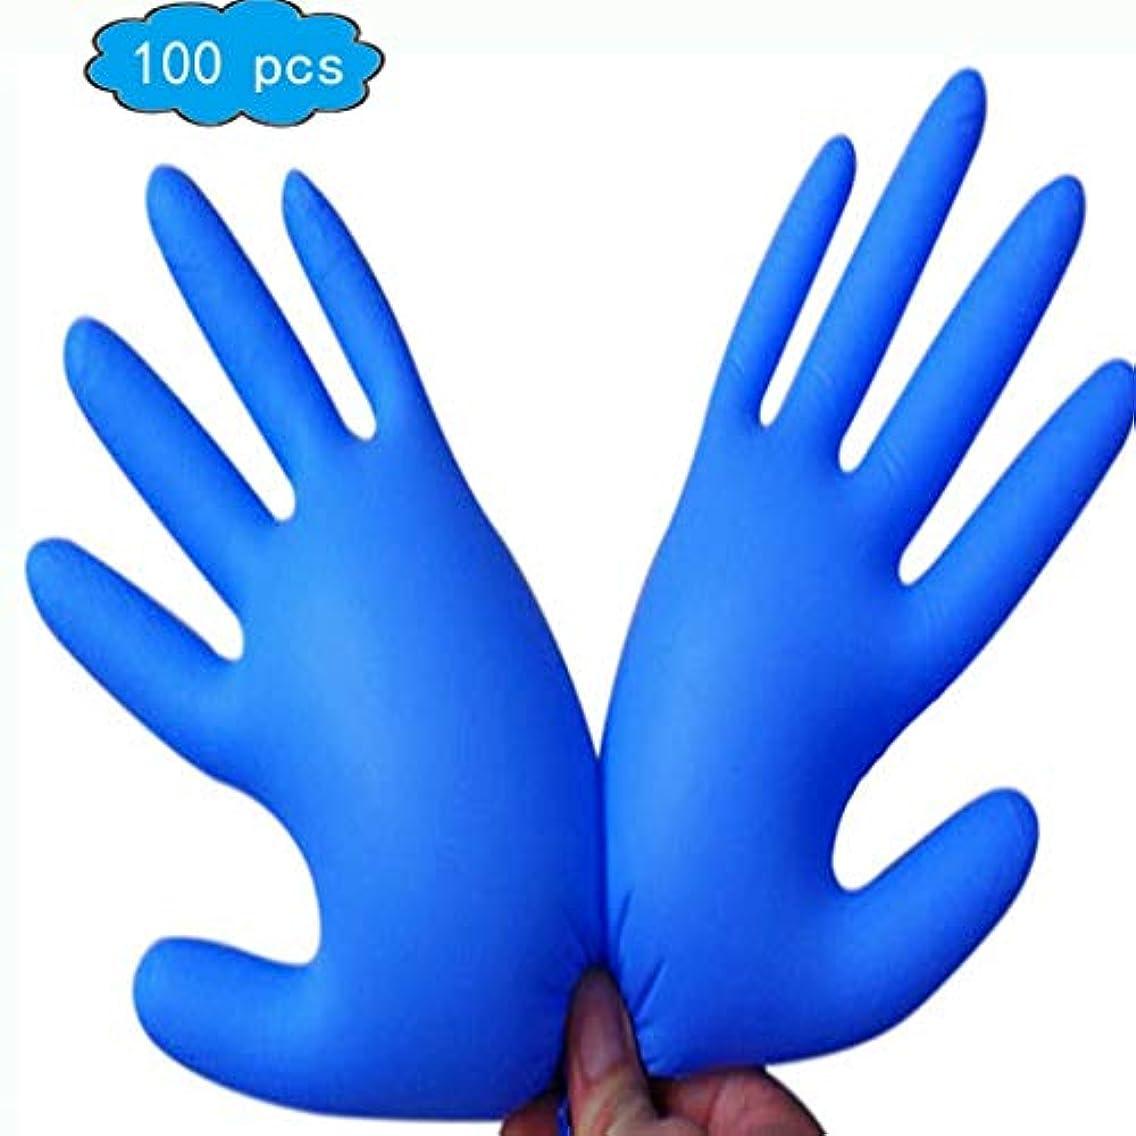 難民道路を作るプロセスノミネート使い捨てニトリル試験手袋、(青)、医療グレード、ラテックスフリー、パウダーフリー、食品安全(100)、家庭用品、手と腕の保護 (Color : Blue, Size : L)